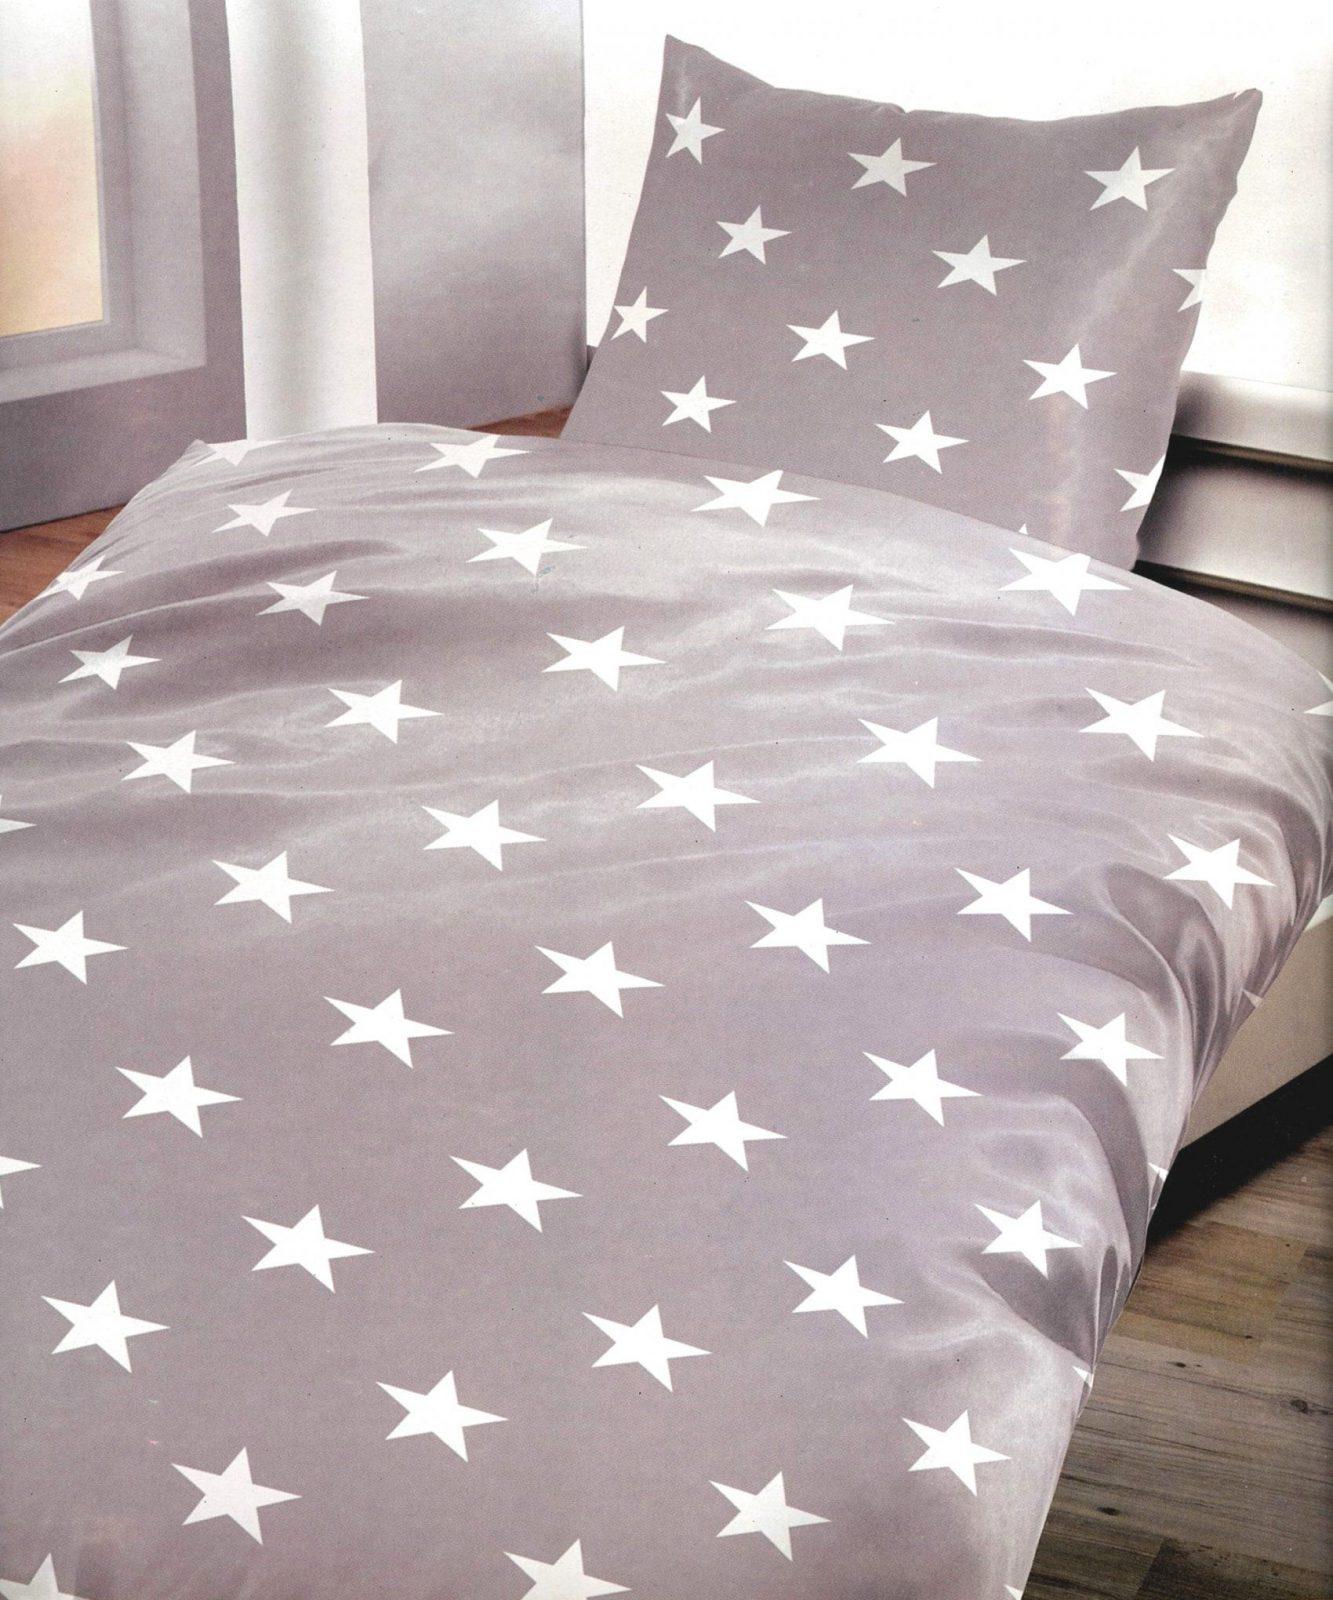 Wunderbare Ideen Bettwäsche 100×200 Und Zufriedene 3 Tlg Microfaser von Bettwäsche Sterne Grau 155X220 Bild